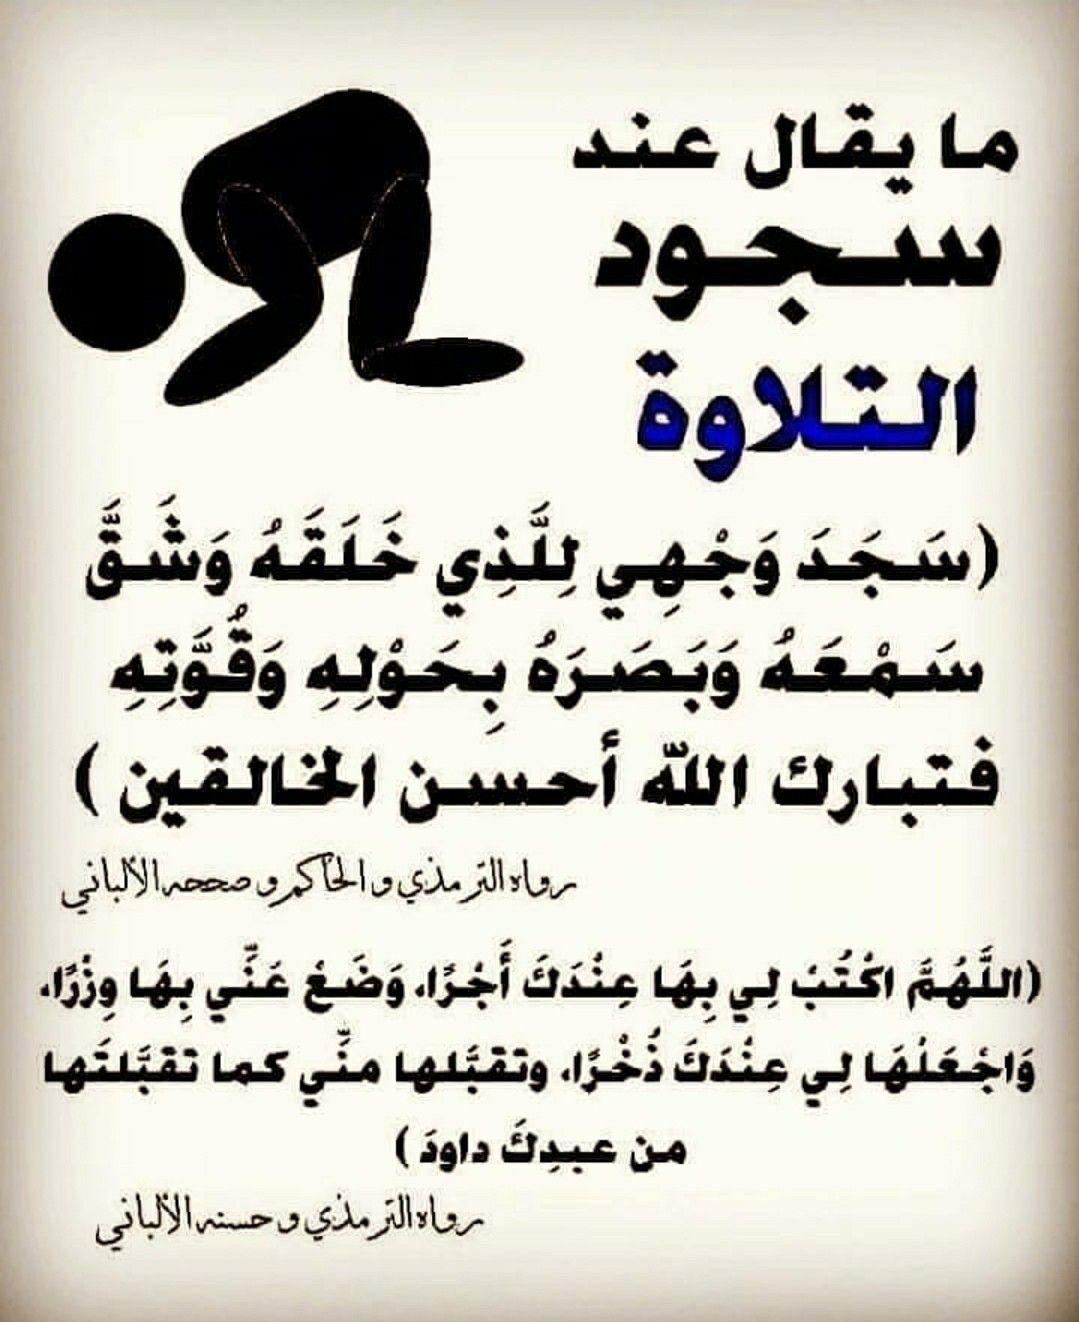 الصلاة الصحيحة Quran Quotes Inspirational Islamic Phrases Quran Quotes